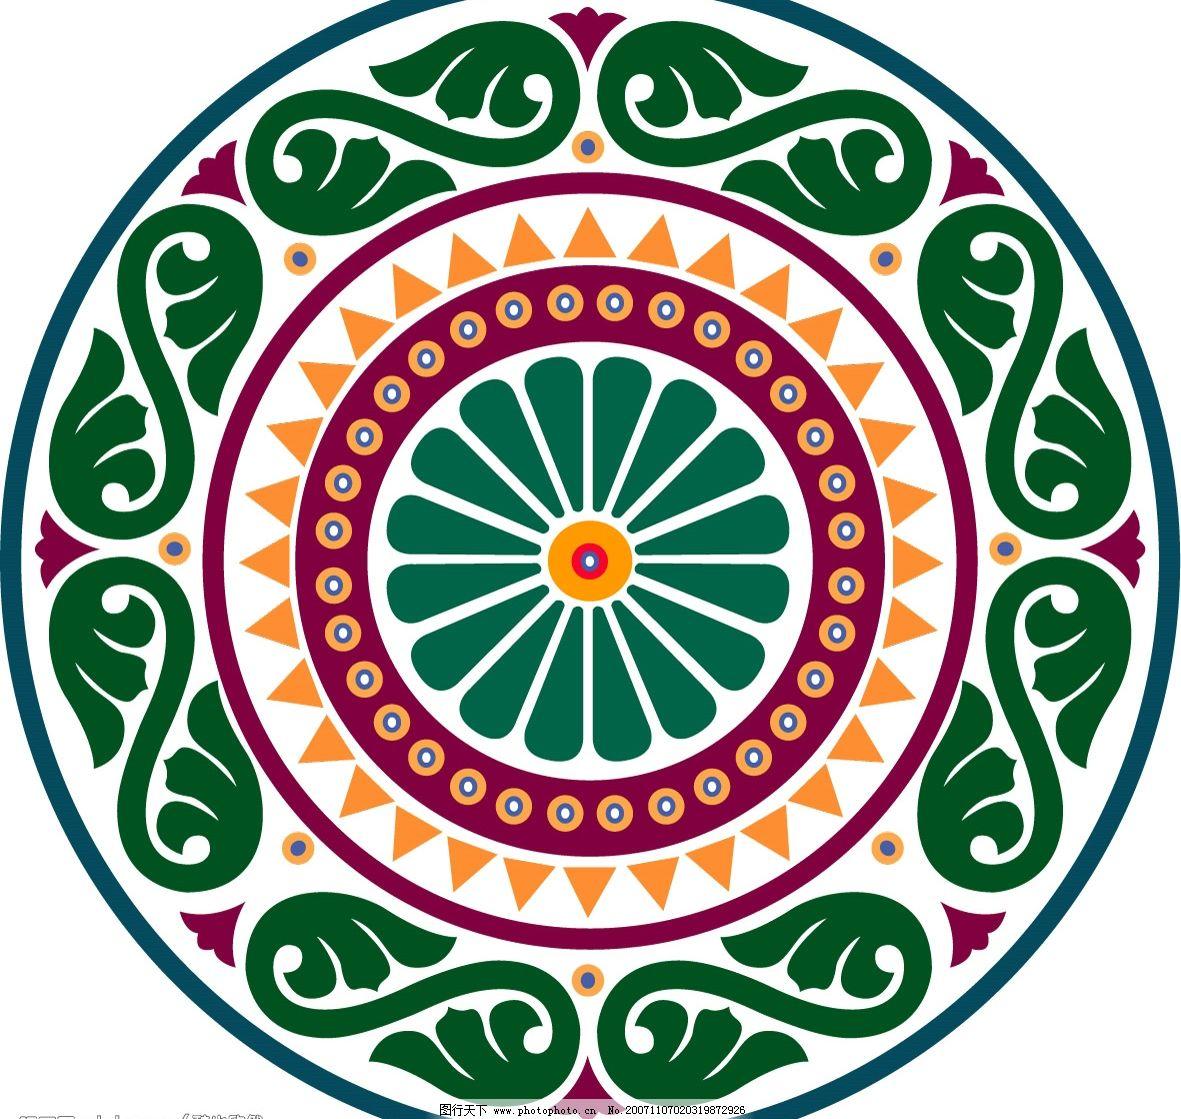 传统花纹图案矢量素材04图片